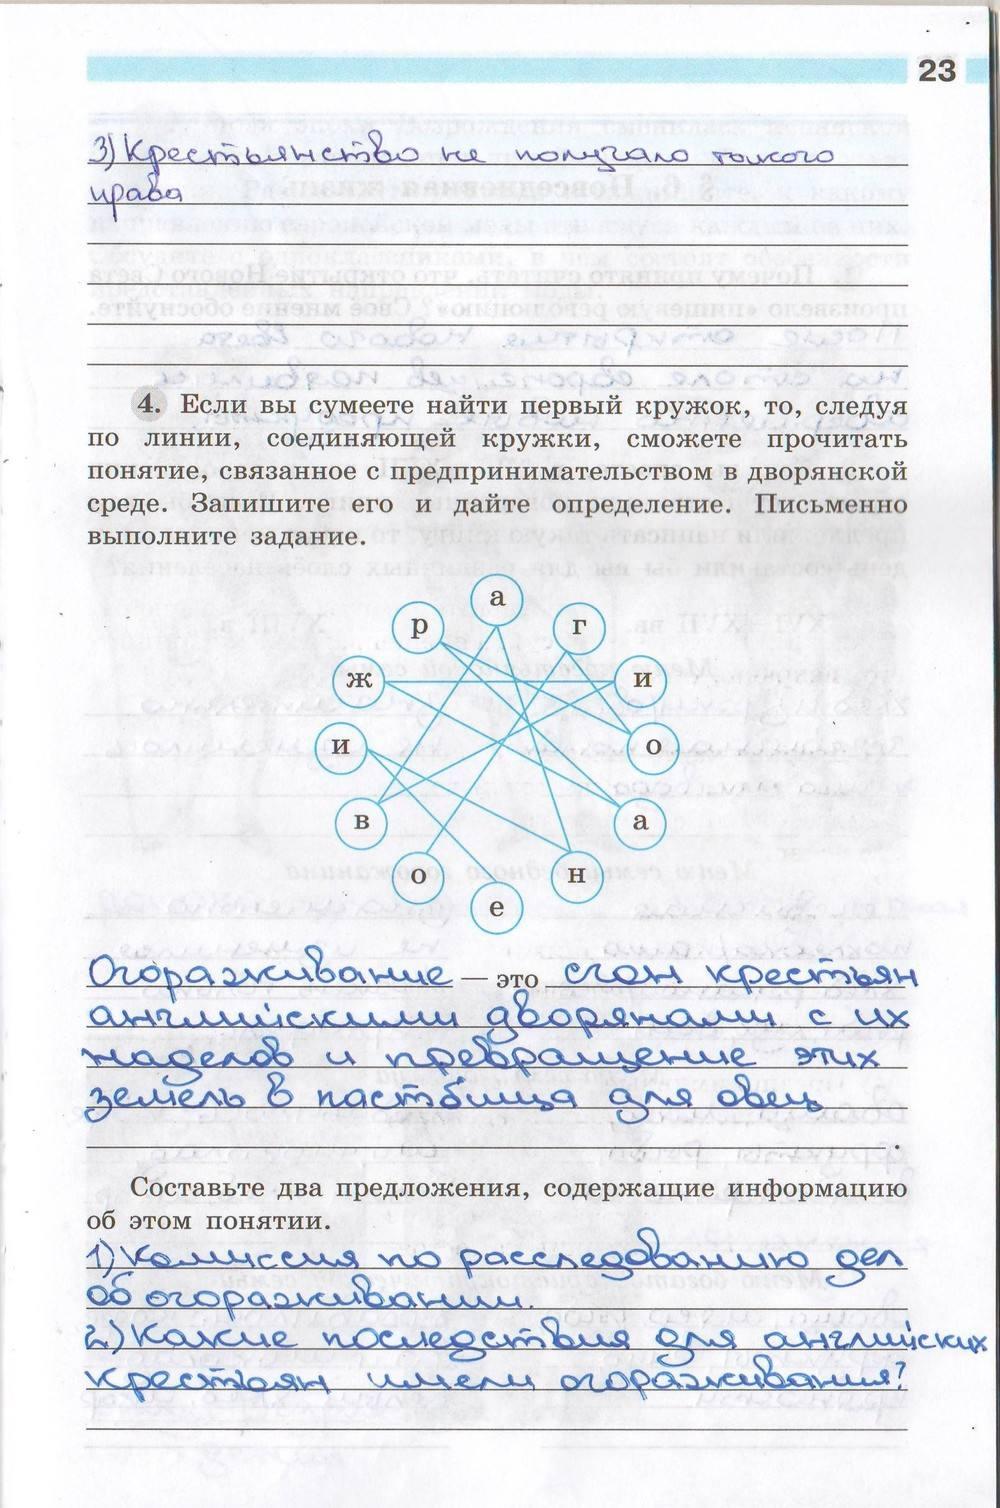 ванюшкина юдовская гдз класс баранов 7 2002 по истории